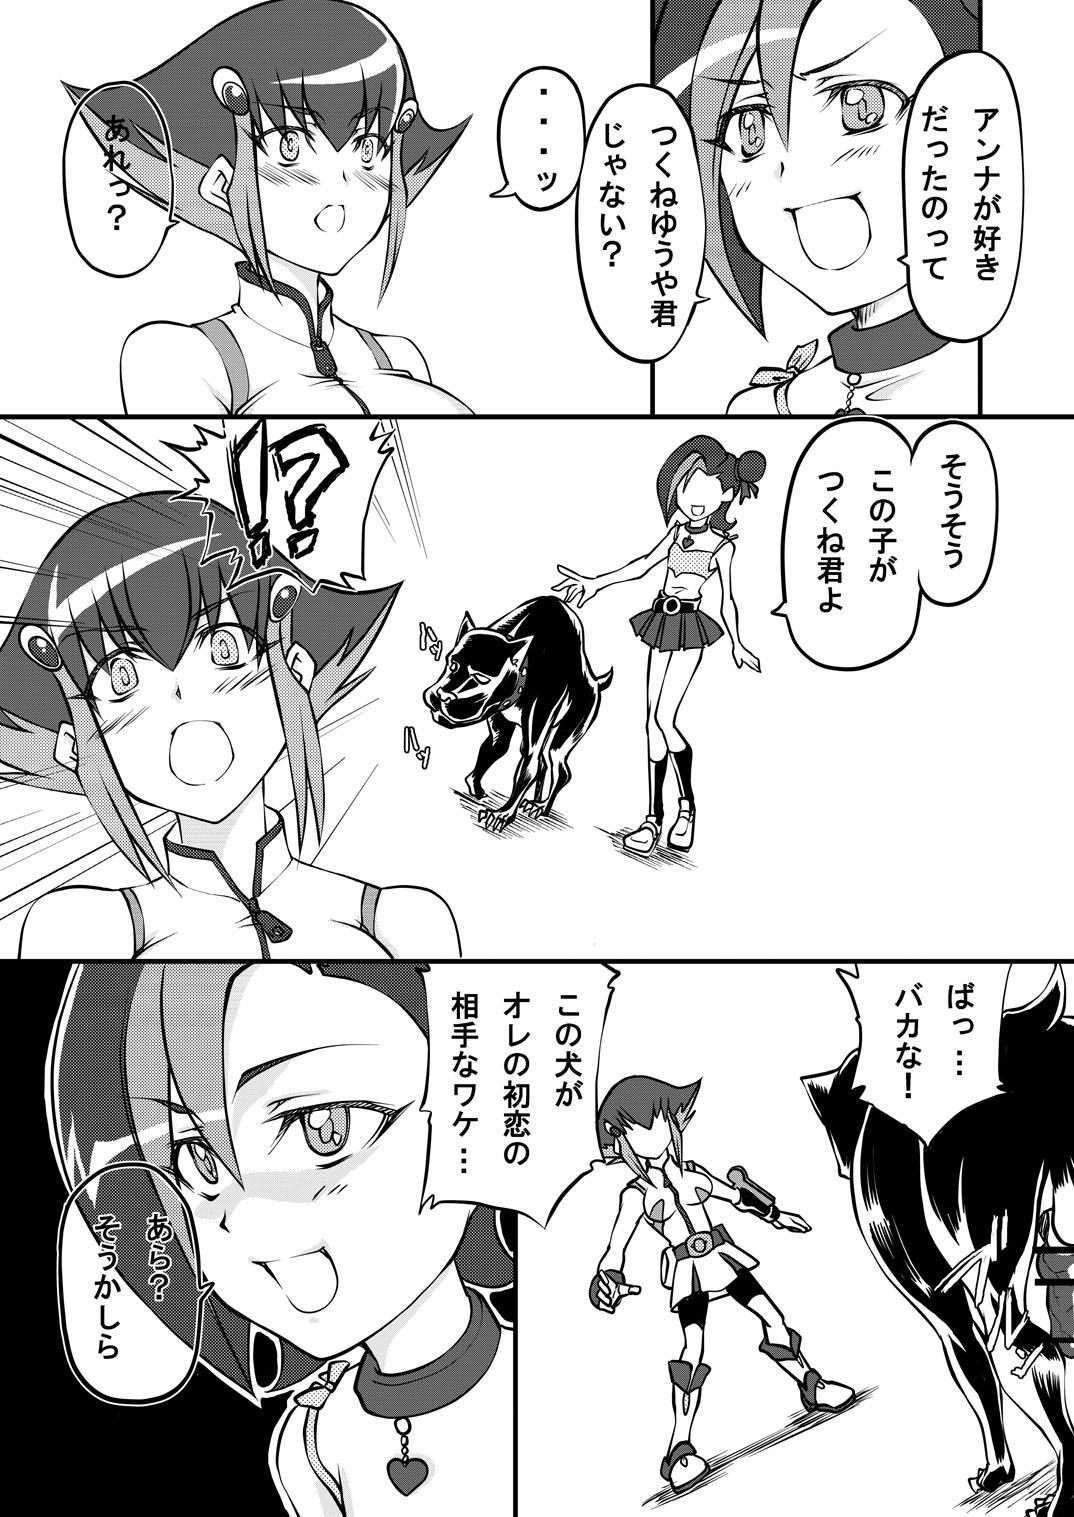 Choudokyuu!? Juukan Manga 2